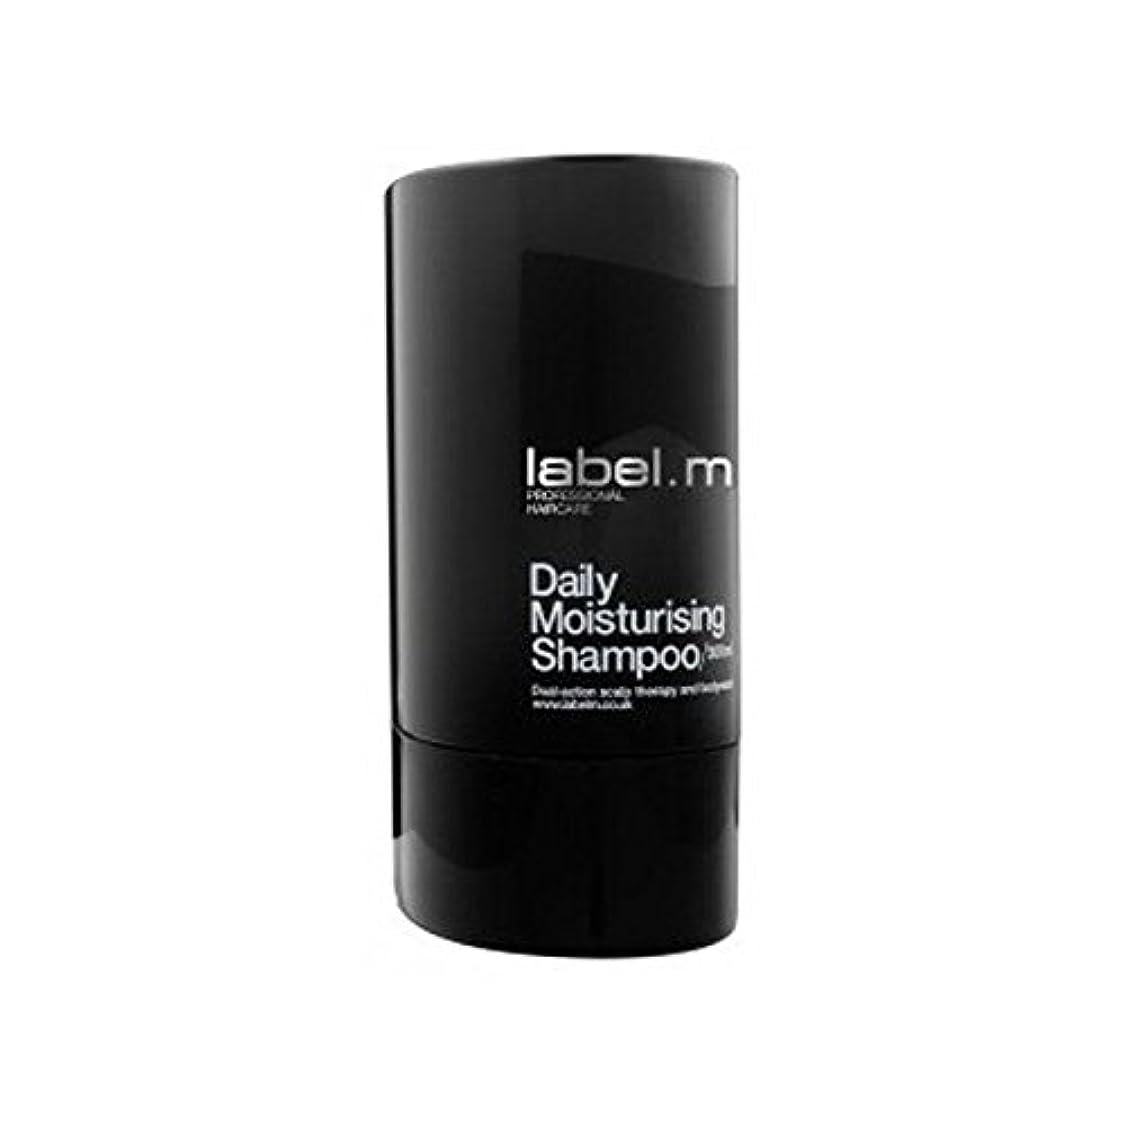 ミシンクレーンのれん.毎日保湿シャンプー(300ミリリットル) x4 - Label.Men Daily Moisturising Shampoo (300ml) (Pack of 4) [並行輸入品]